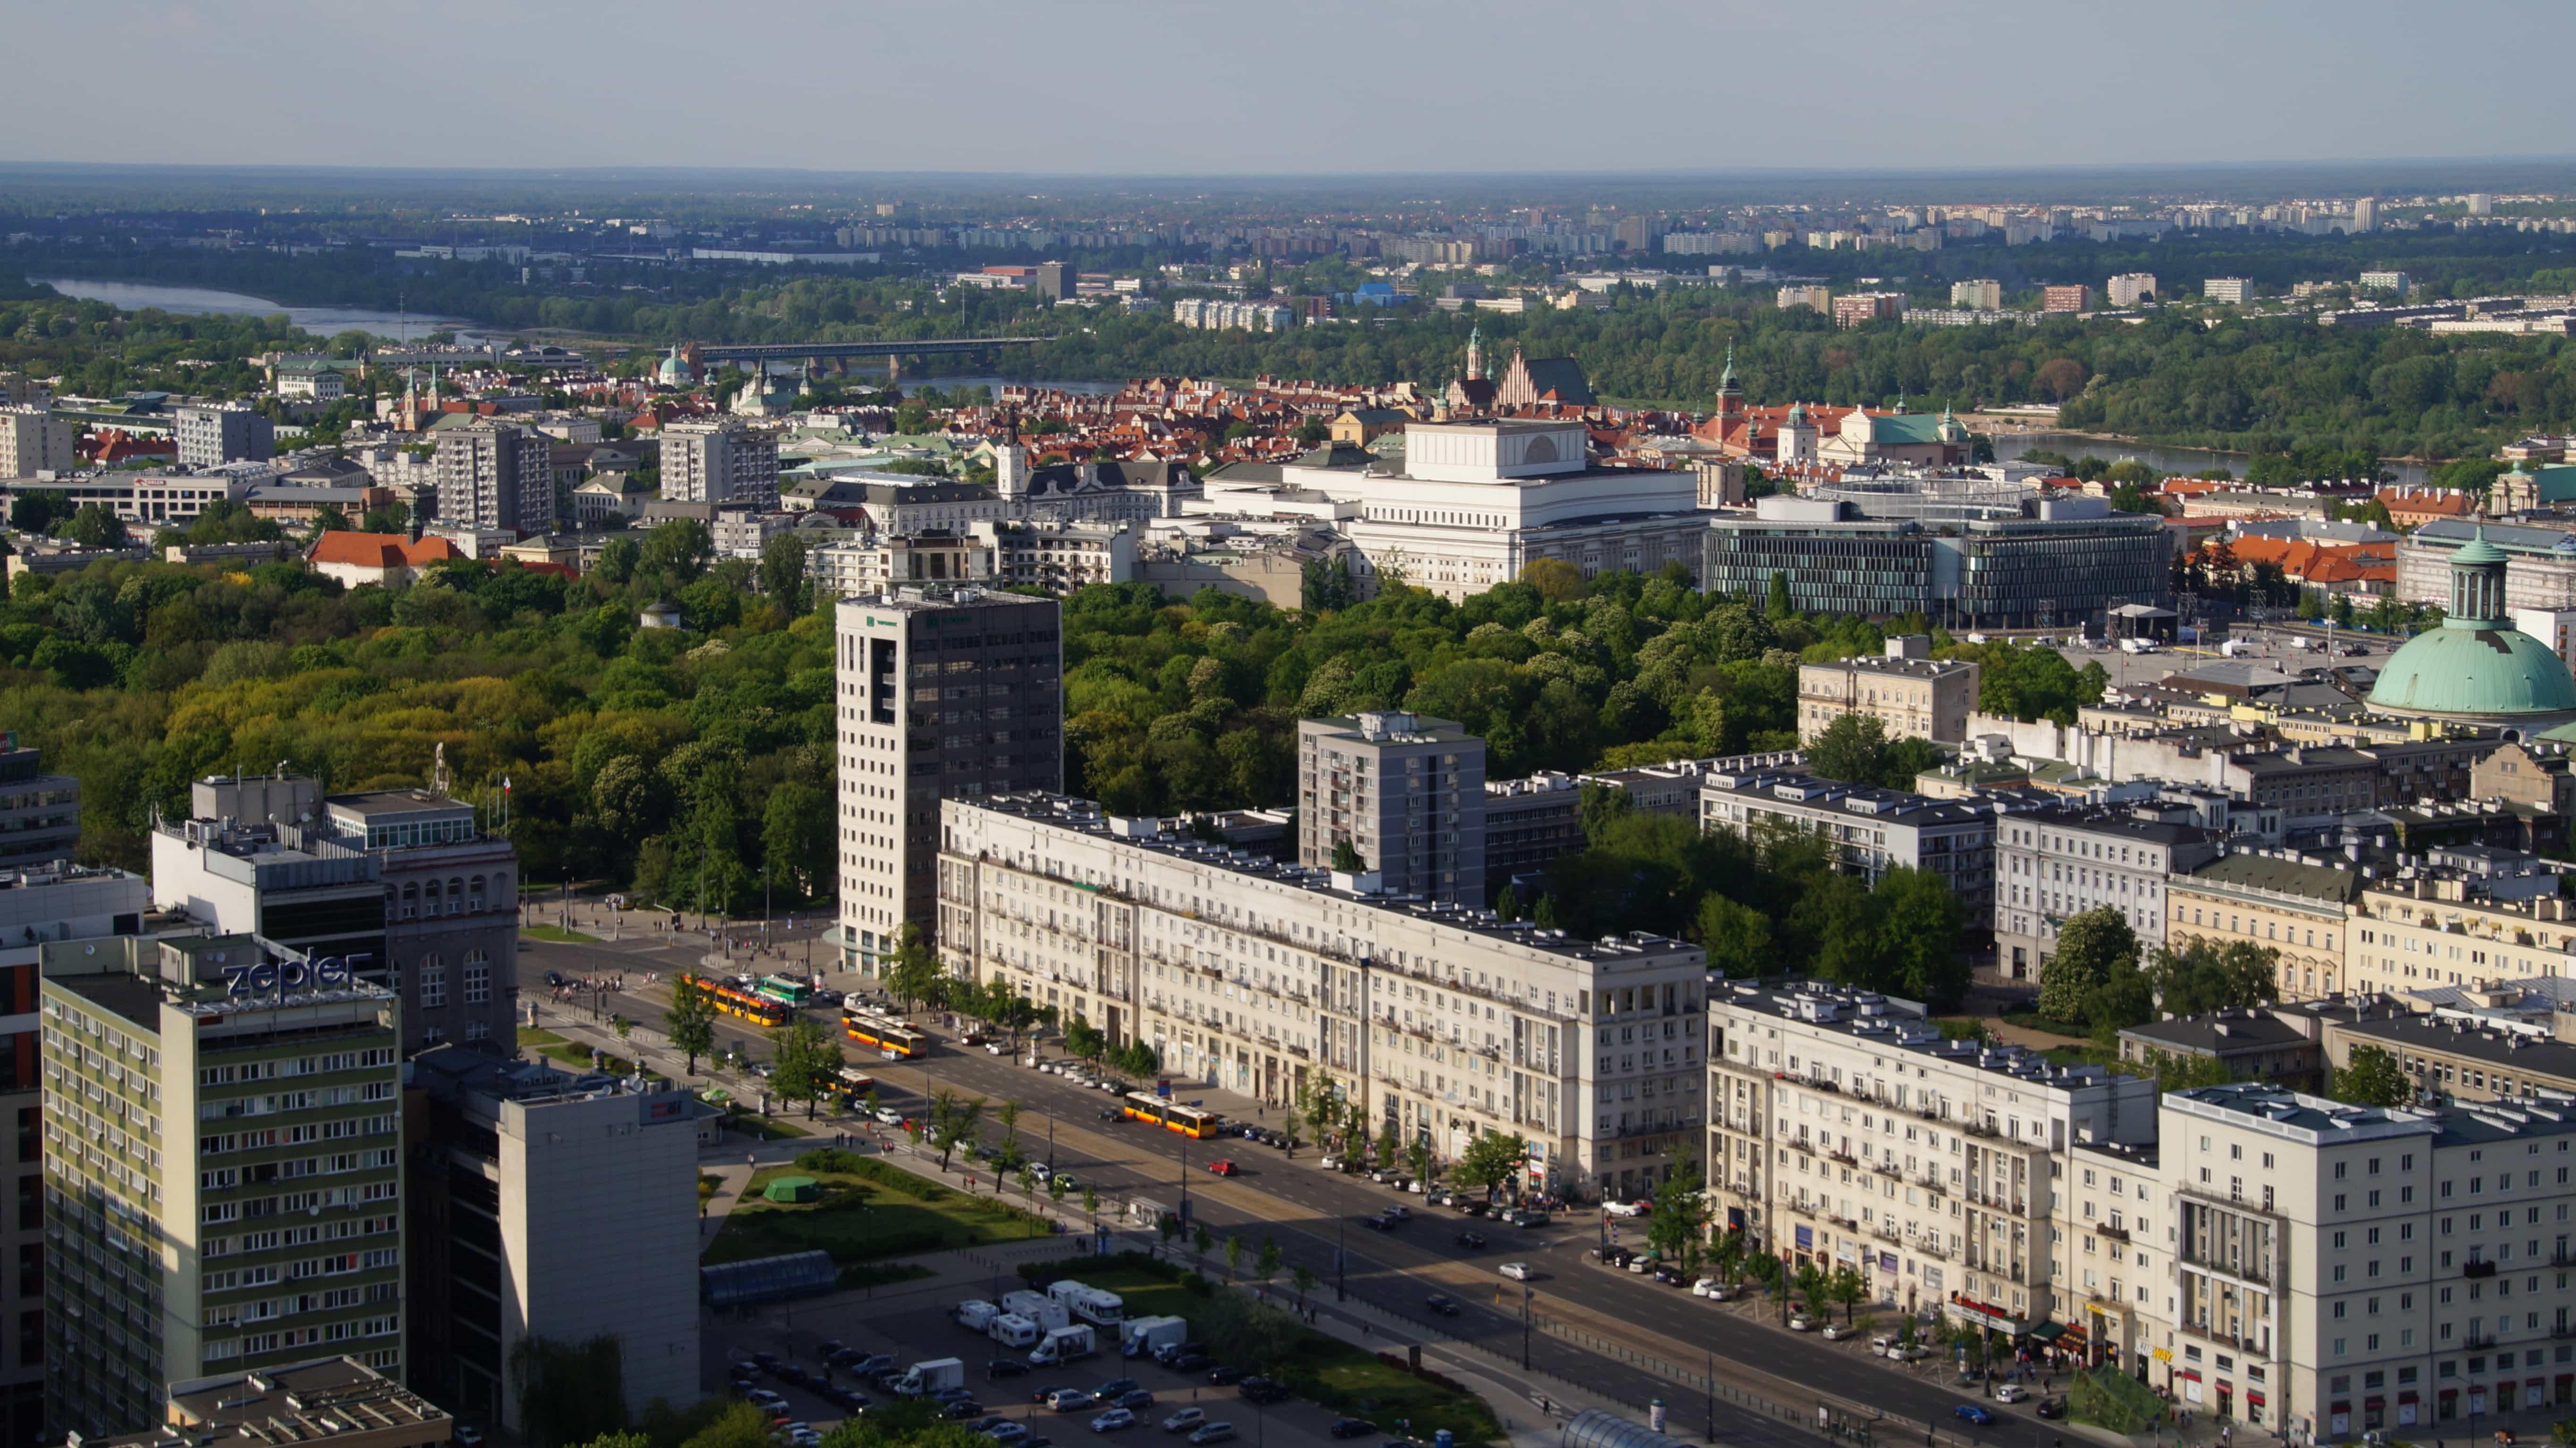 Blick von oben auf Warschau in Polen